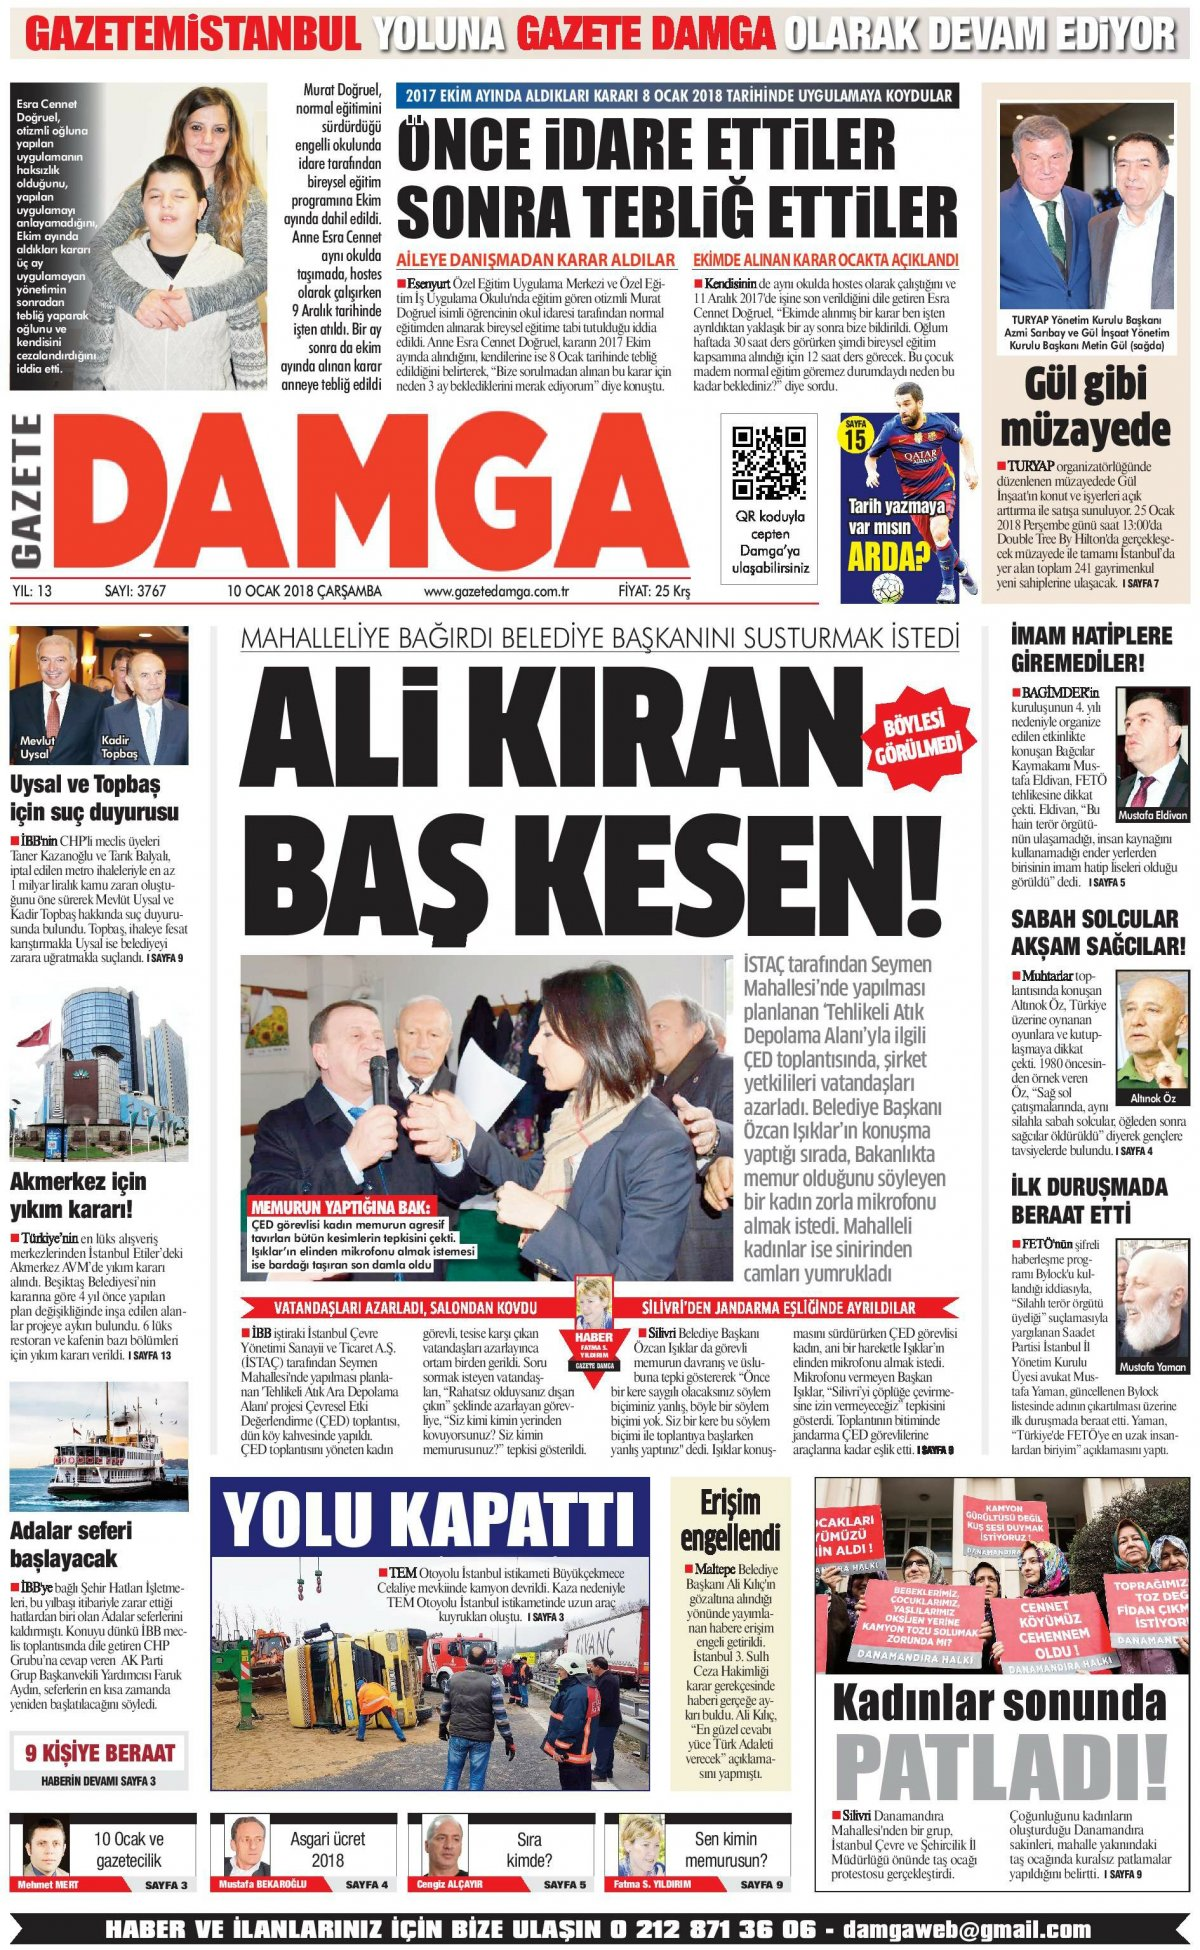 Gazete Damga - 10.01.2018 Manşeti